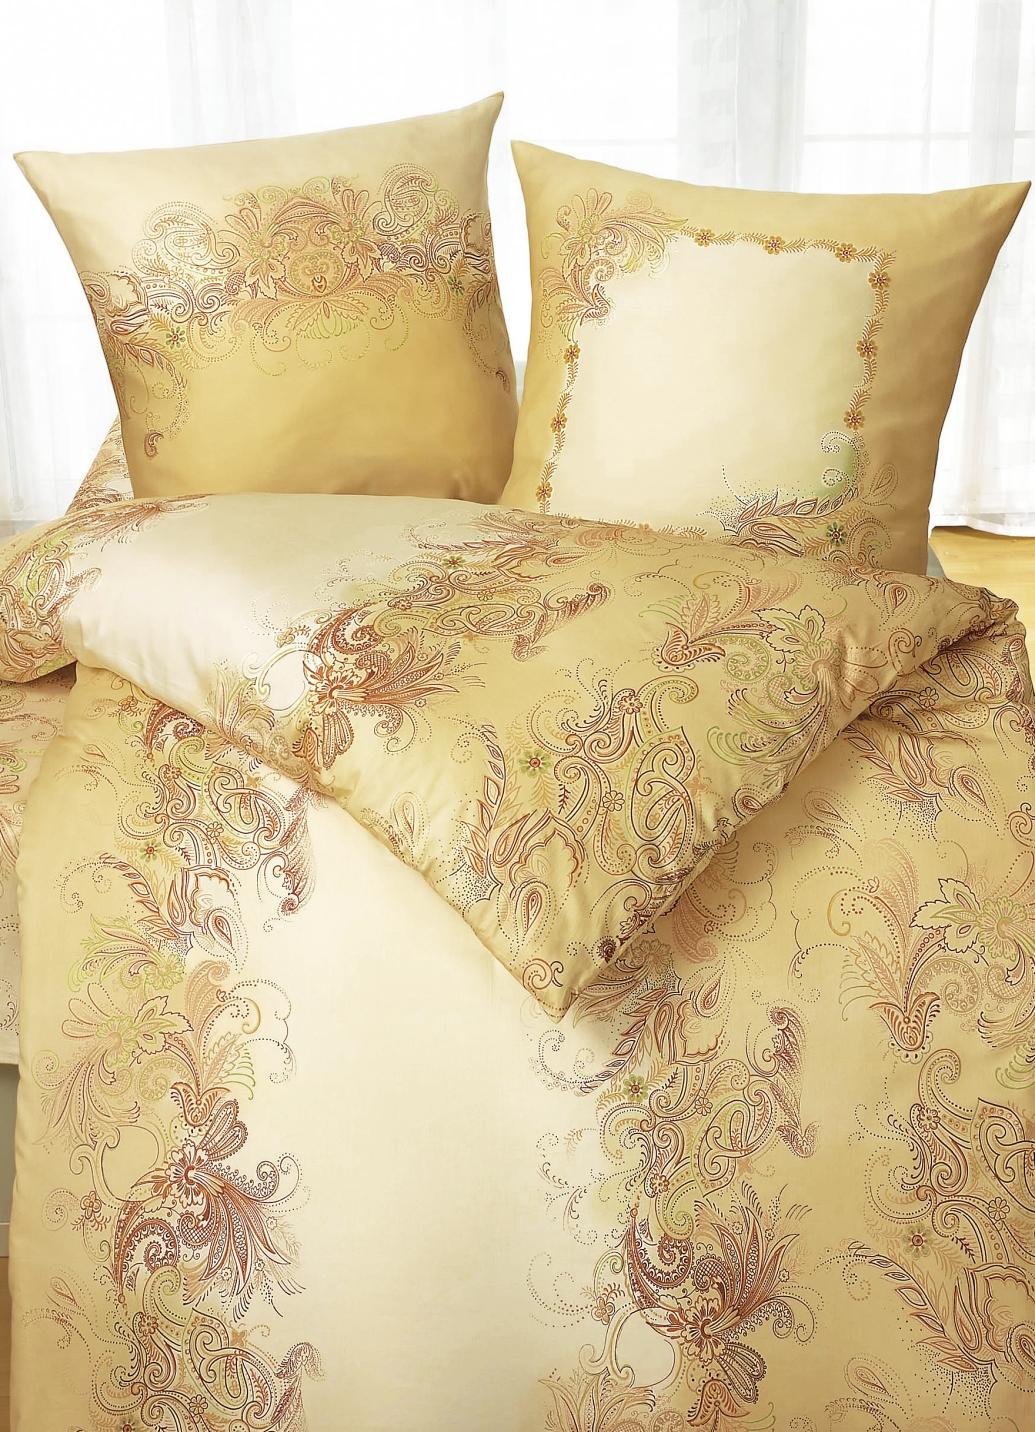 bettw sche garnitur in verschiedenen ausf hrungen. Black Bedroom Furniture Sets. Home Design Ideas